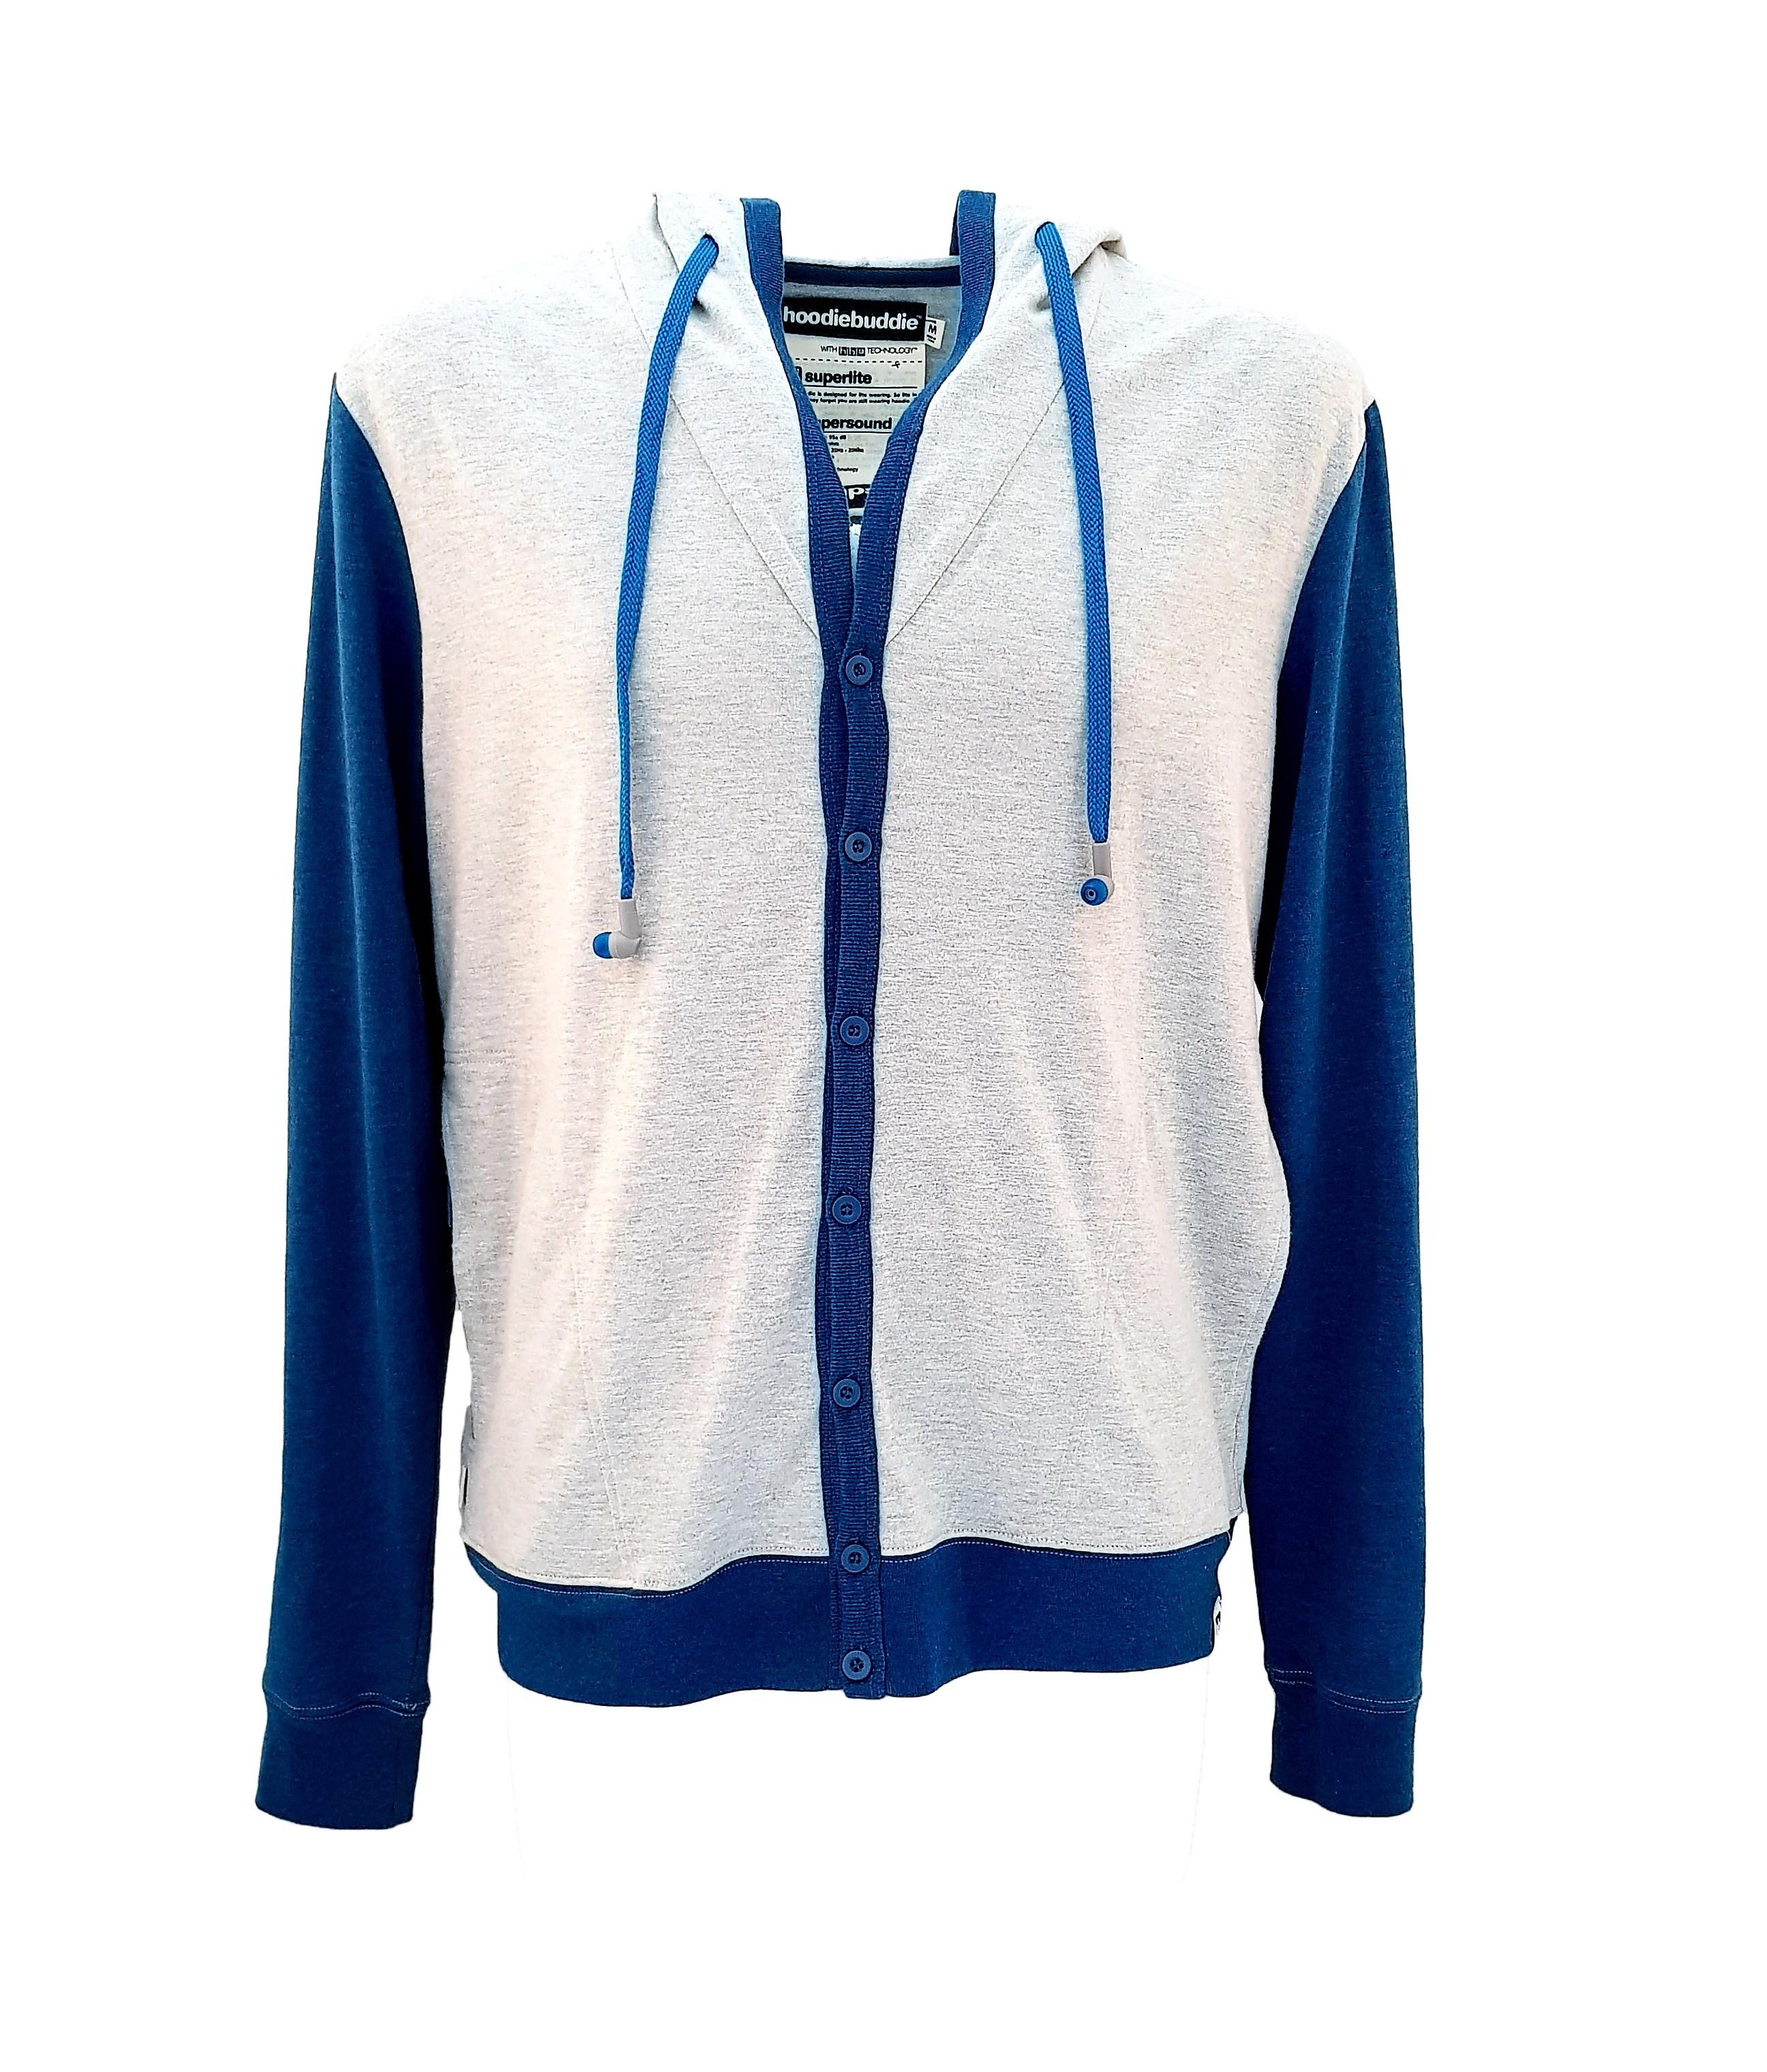 HOODIE BUDDIE Senior Button Up Jacket Variation#2